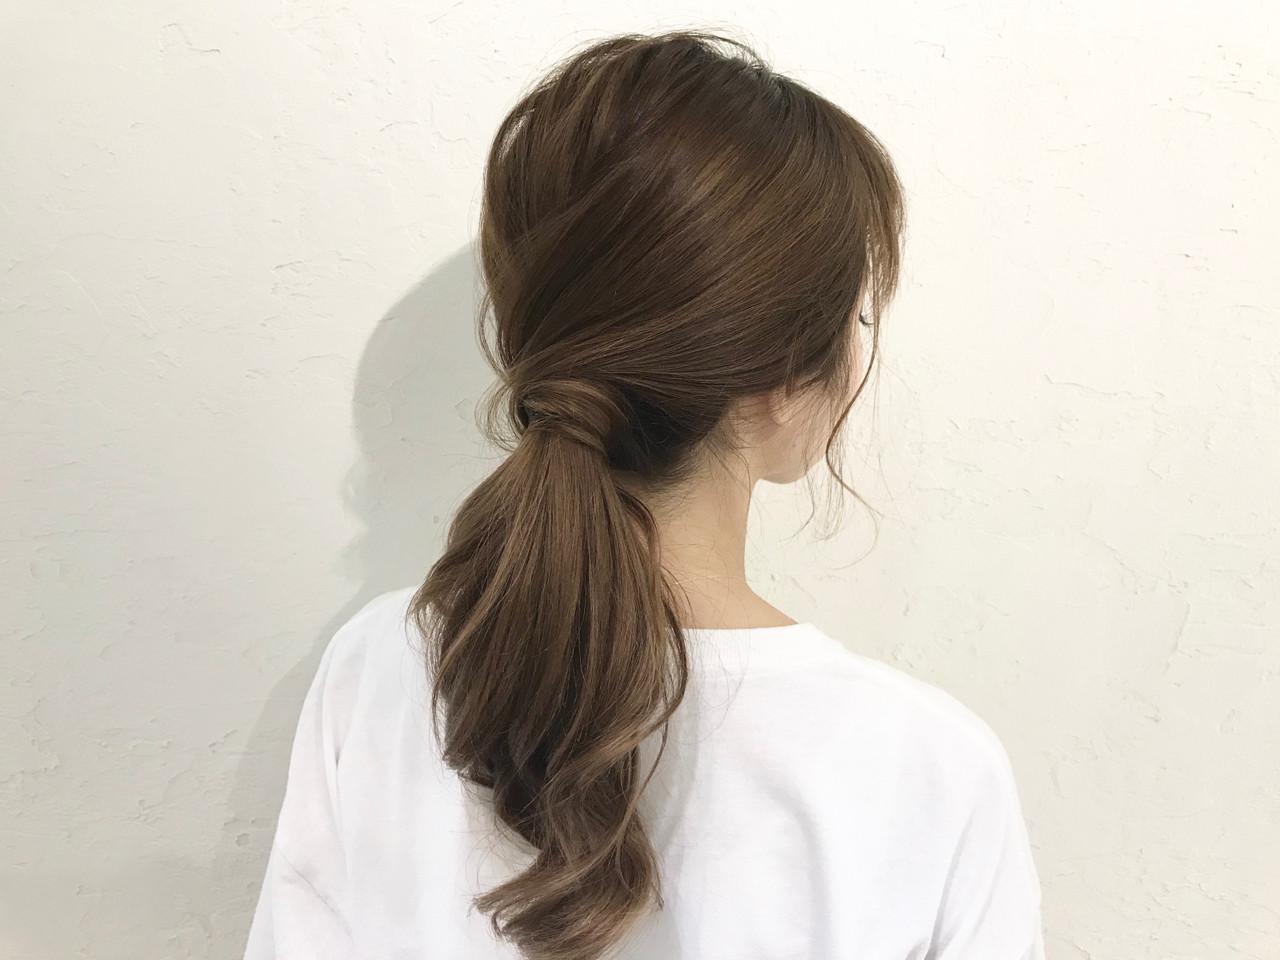 簡単ヘアアレンジ ガーリー オフィス デート ヘアスタイルや髪型の写真・画像